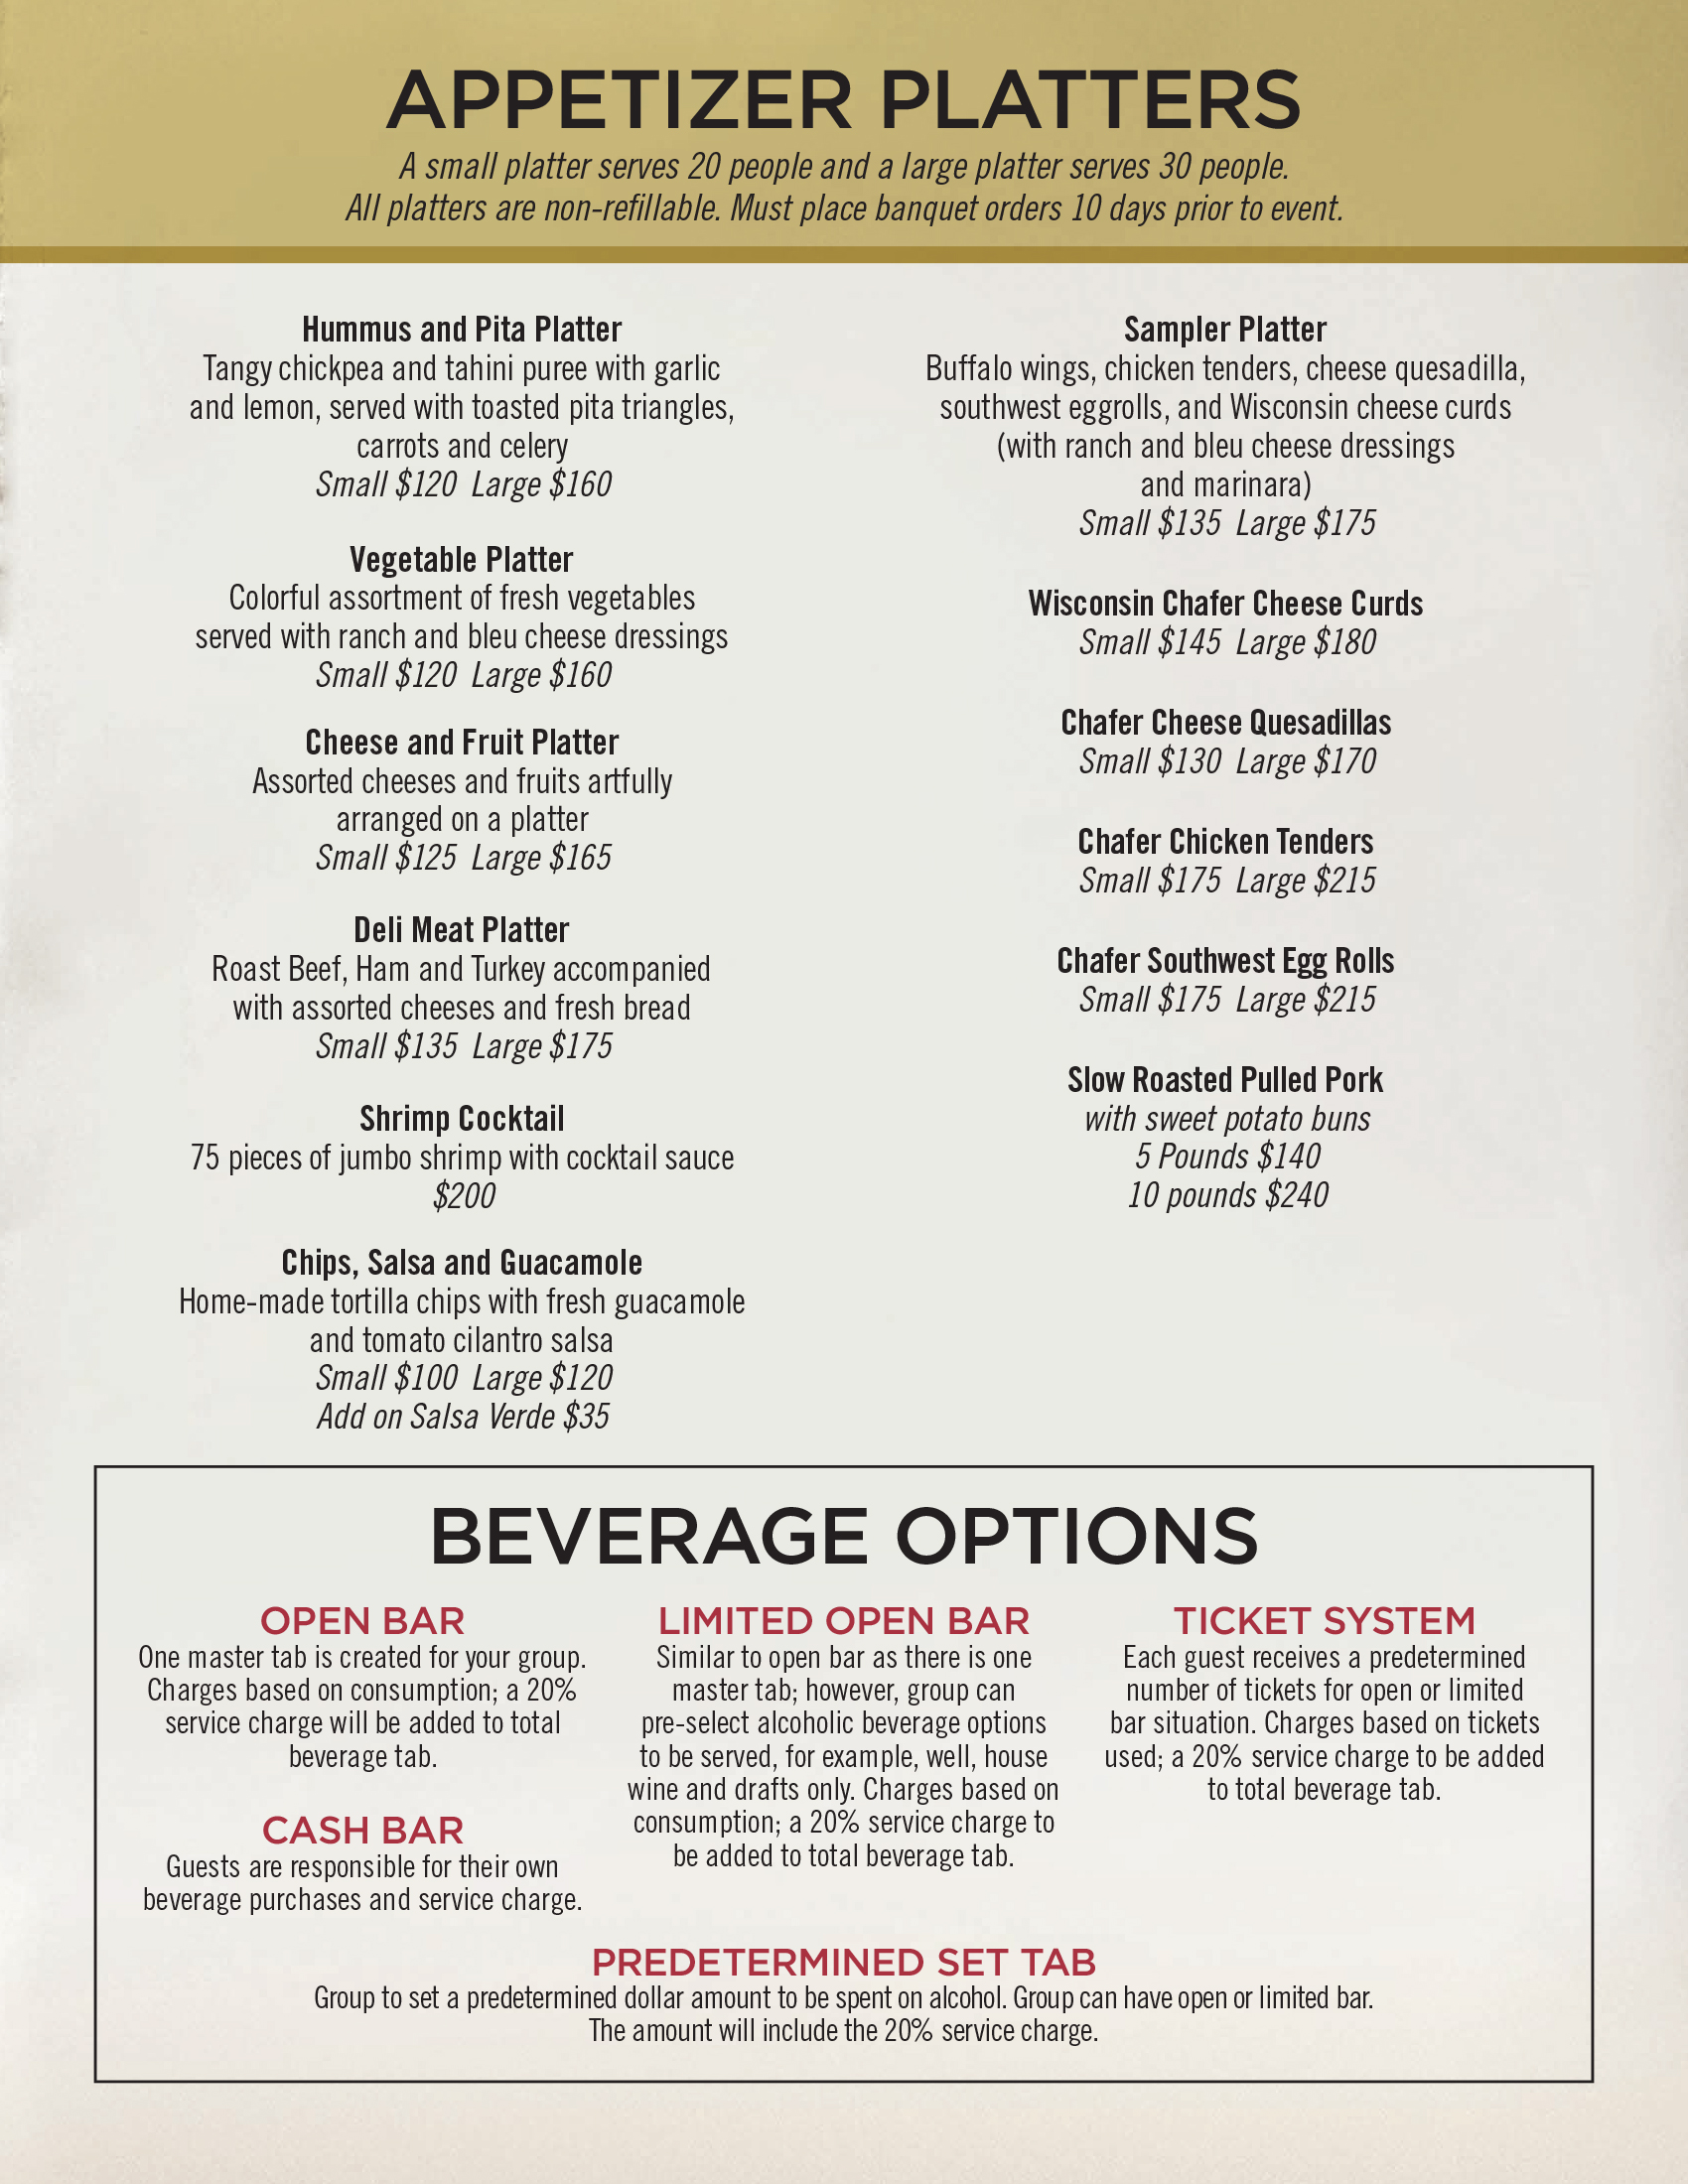 Denver Event Space Food & Beverages